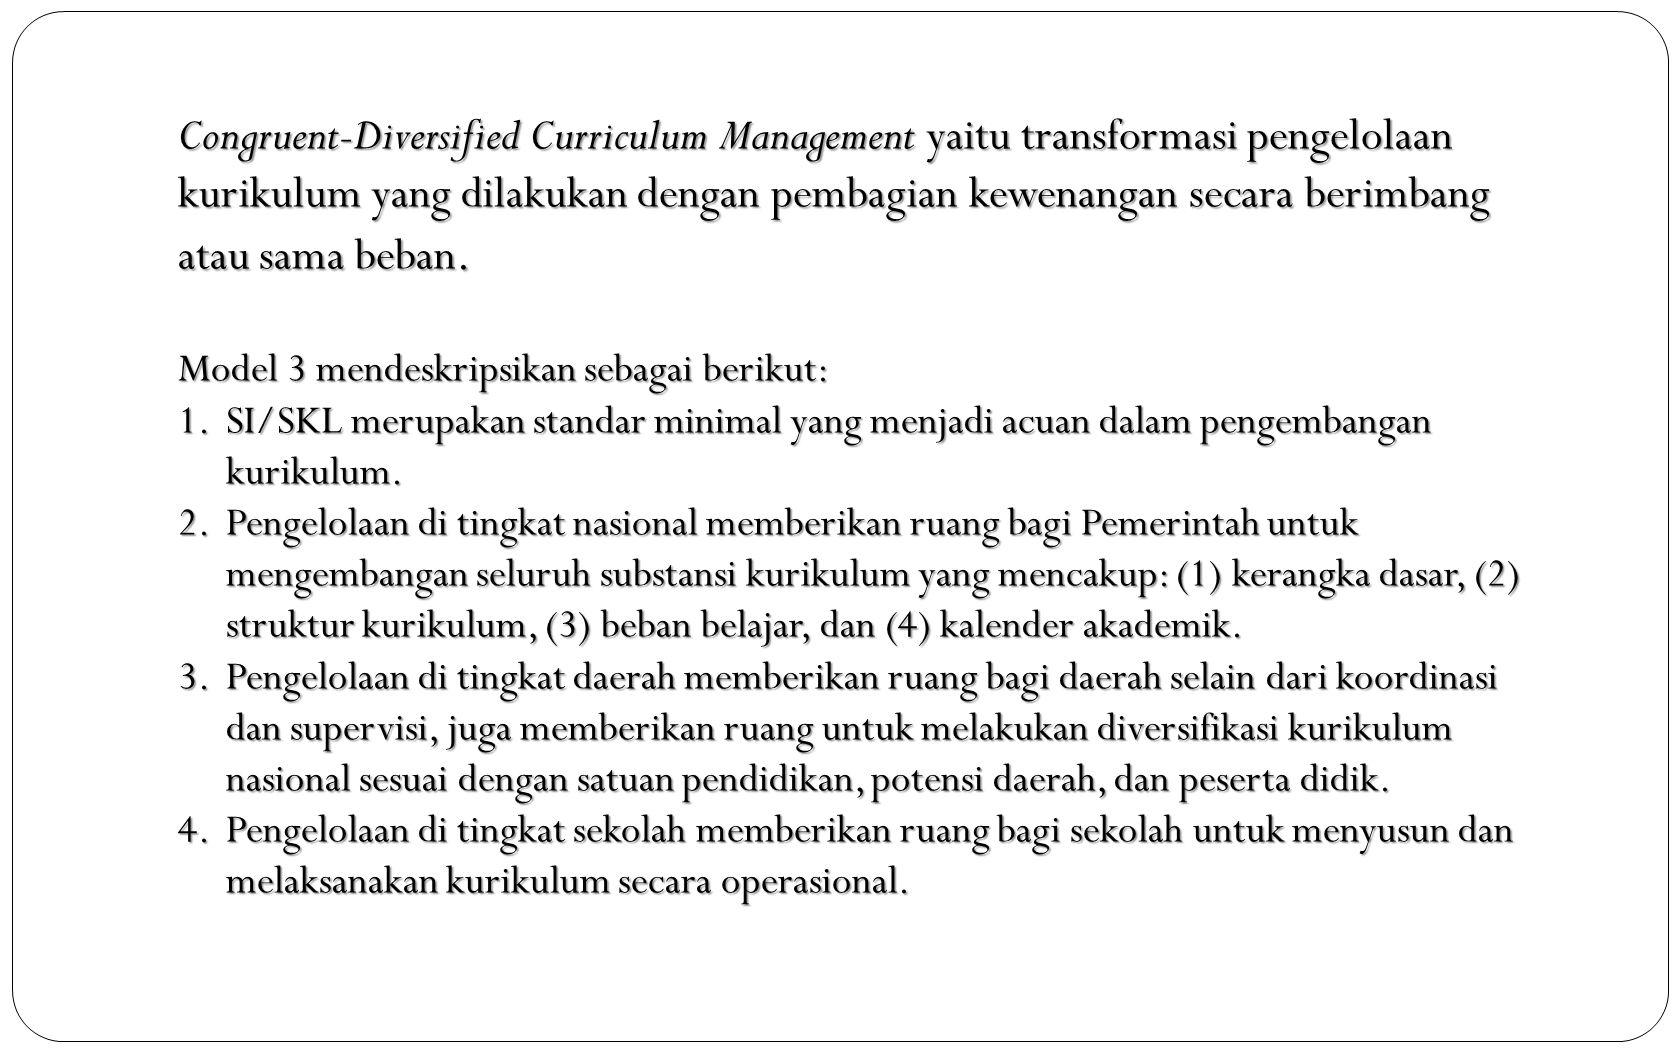 Congruent-Diversified Curriculum Management yaitu transformasi pengelolaan kurikulum yang dilakukan dengan pembagian kewenangan secara berimbang atau